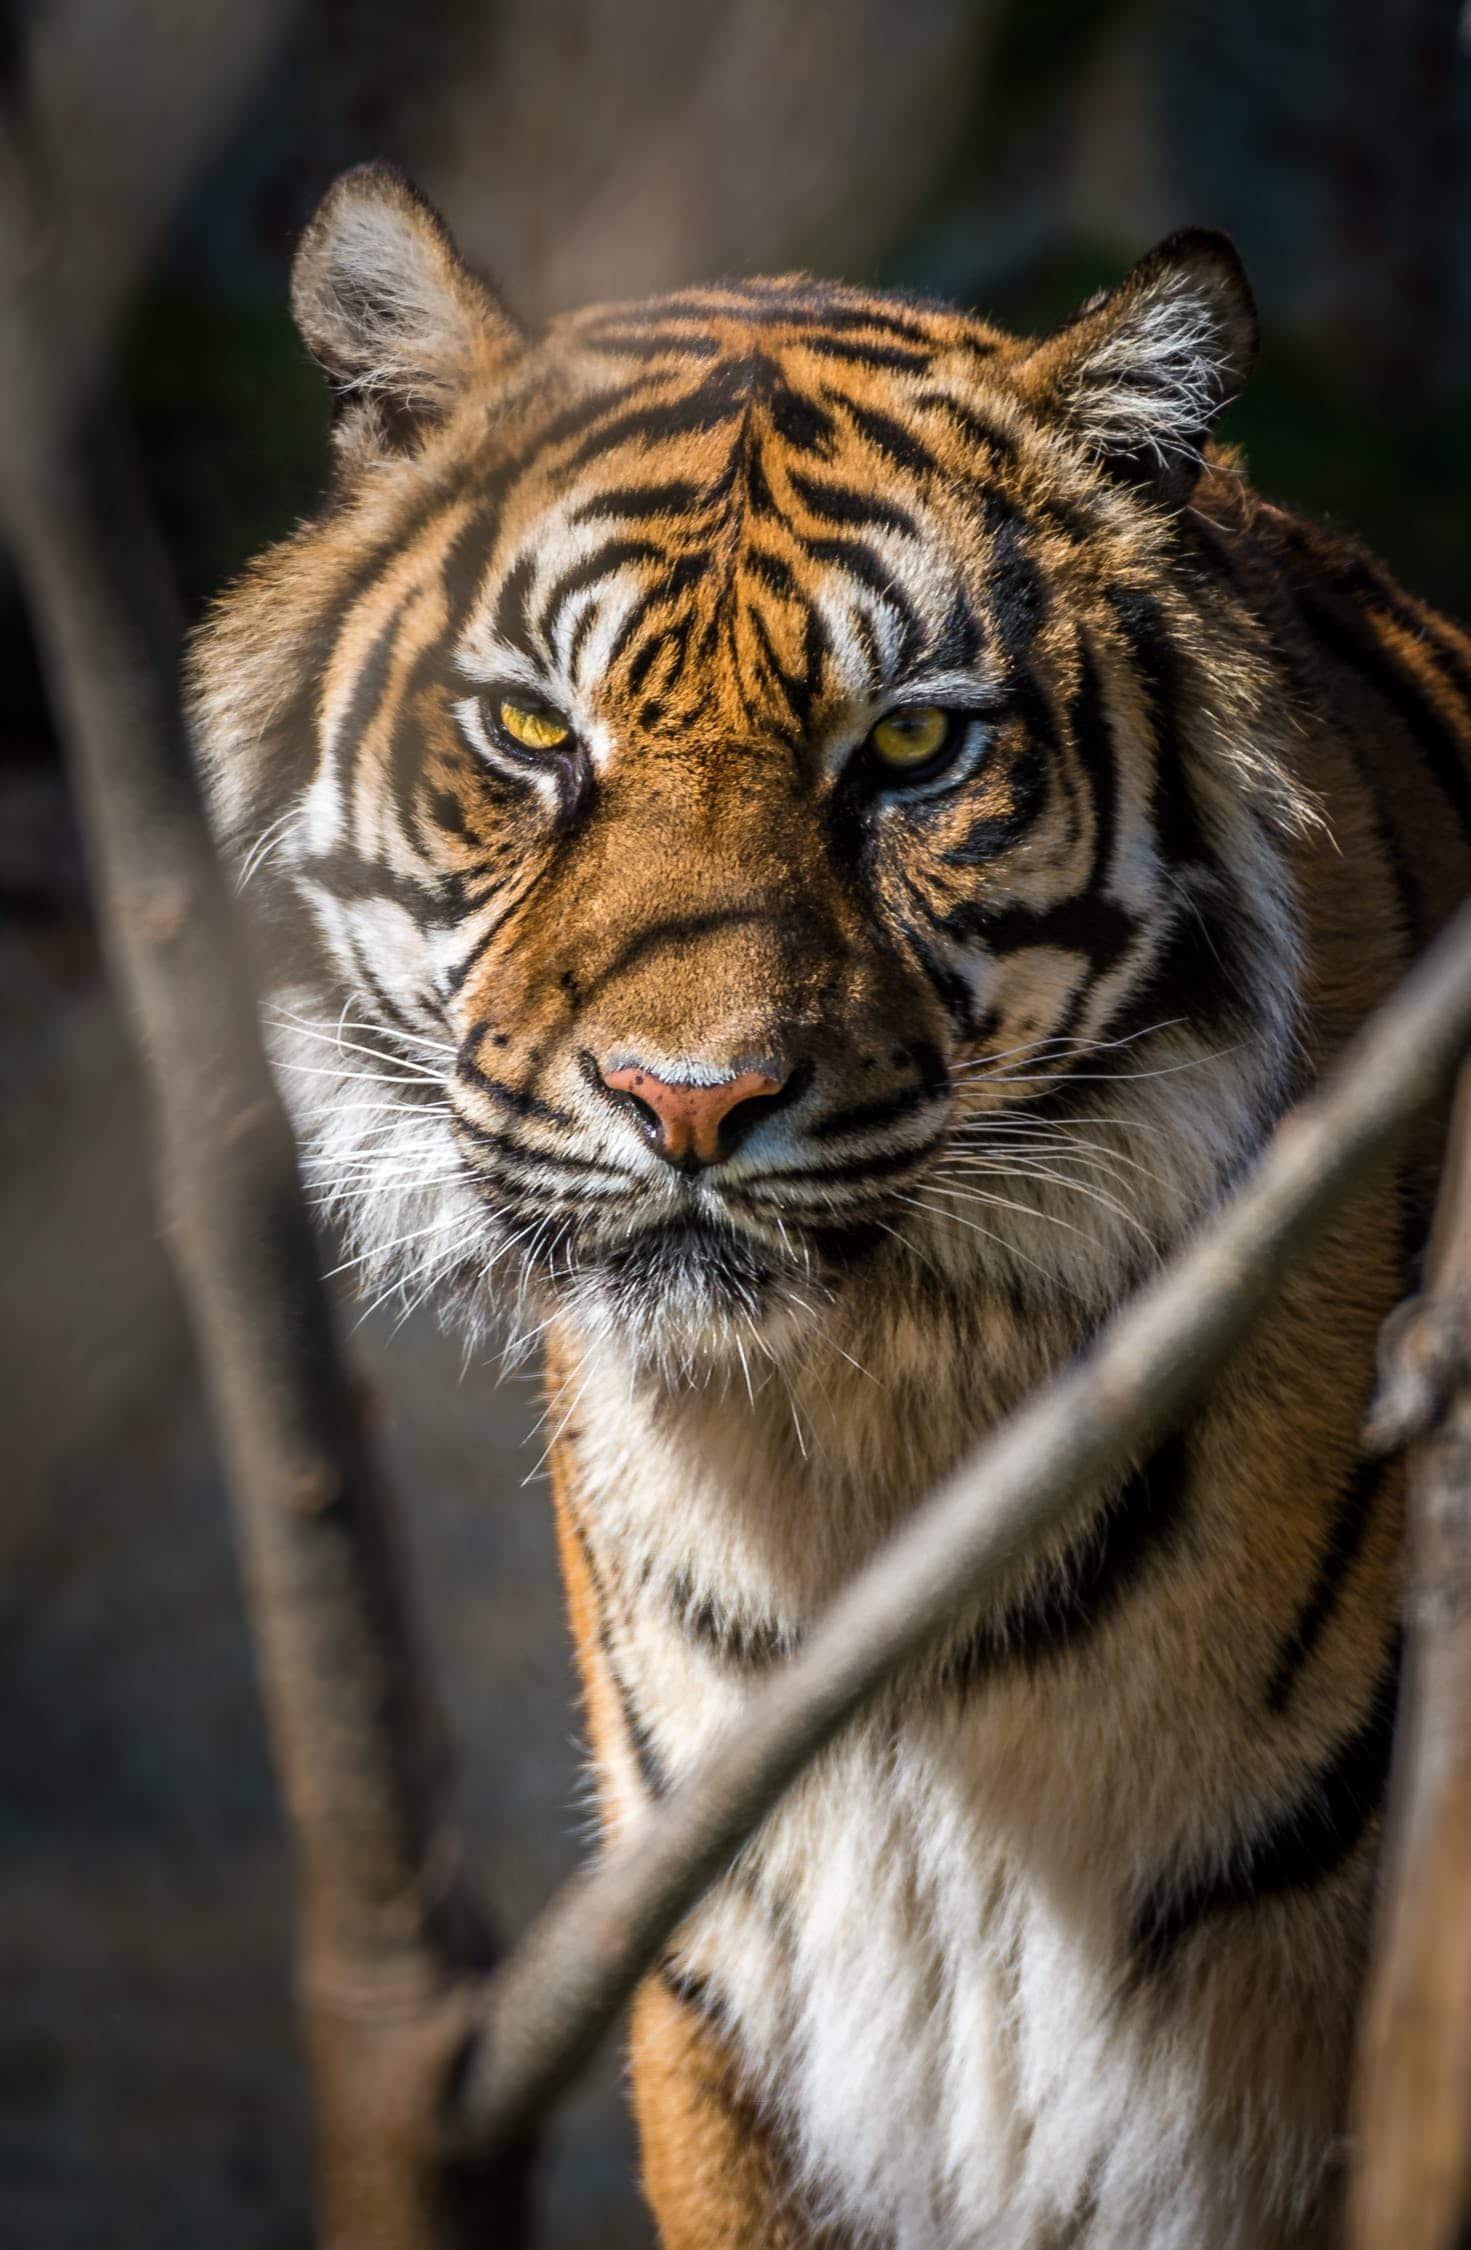 tiger- conservation efforts